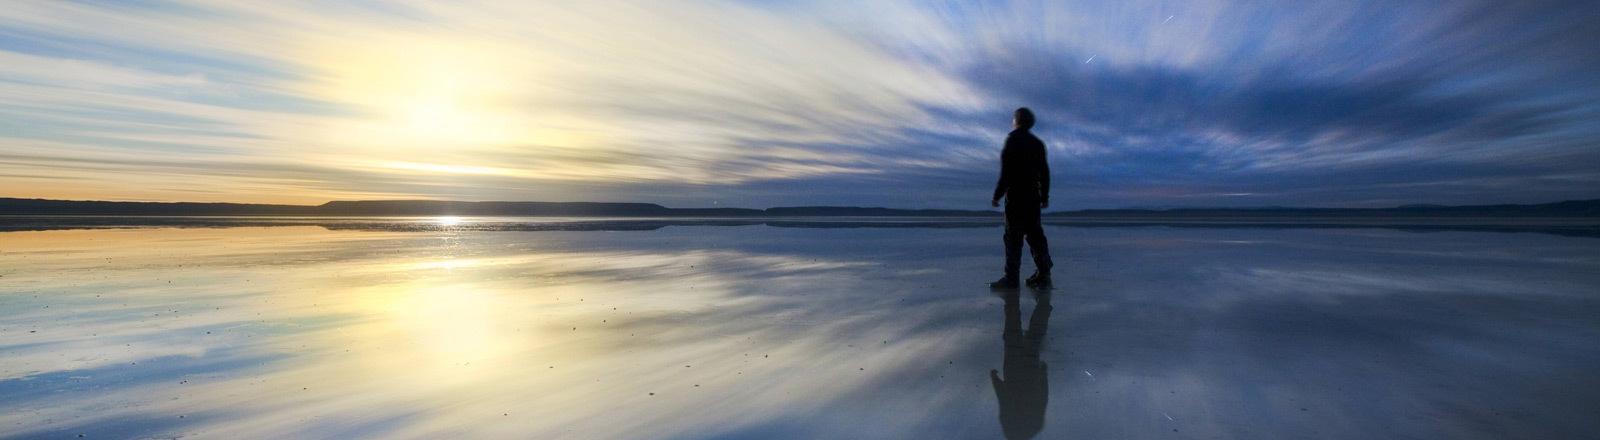 Ein Mann schaut im Sonnenuntergang aufs Meer